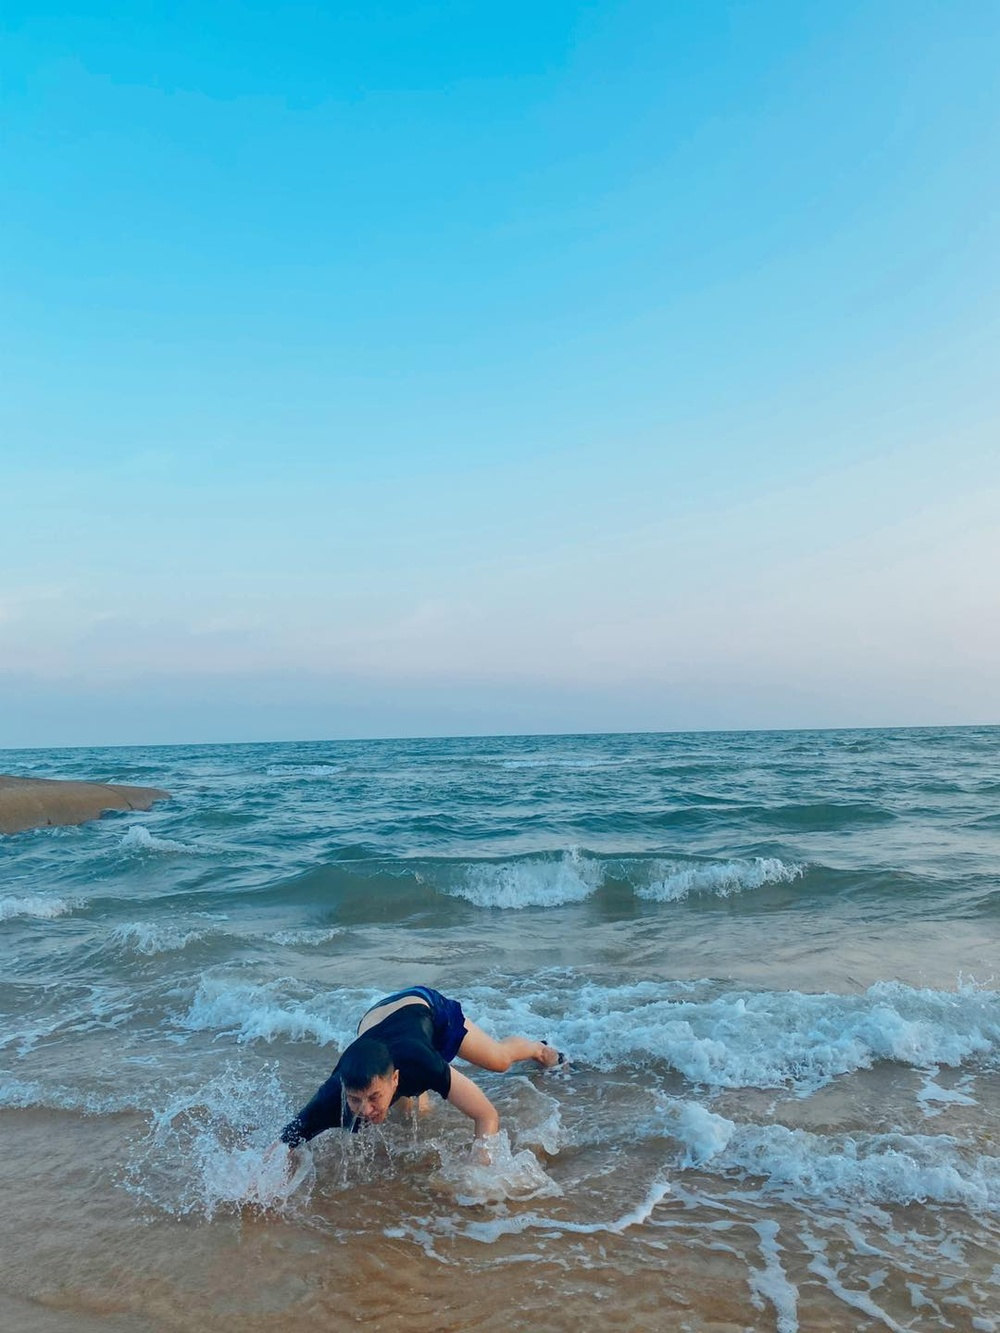 Bắt chước khoảnh khắc soái ca, Duy Khánh bất ngờ cho ra bộ sưu tập ảnh 'đuối nước' Ảnh 5